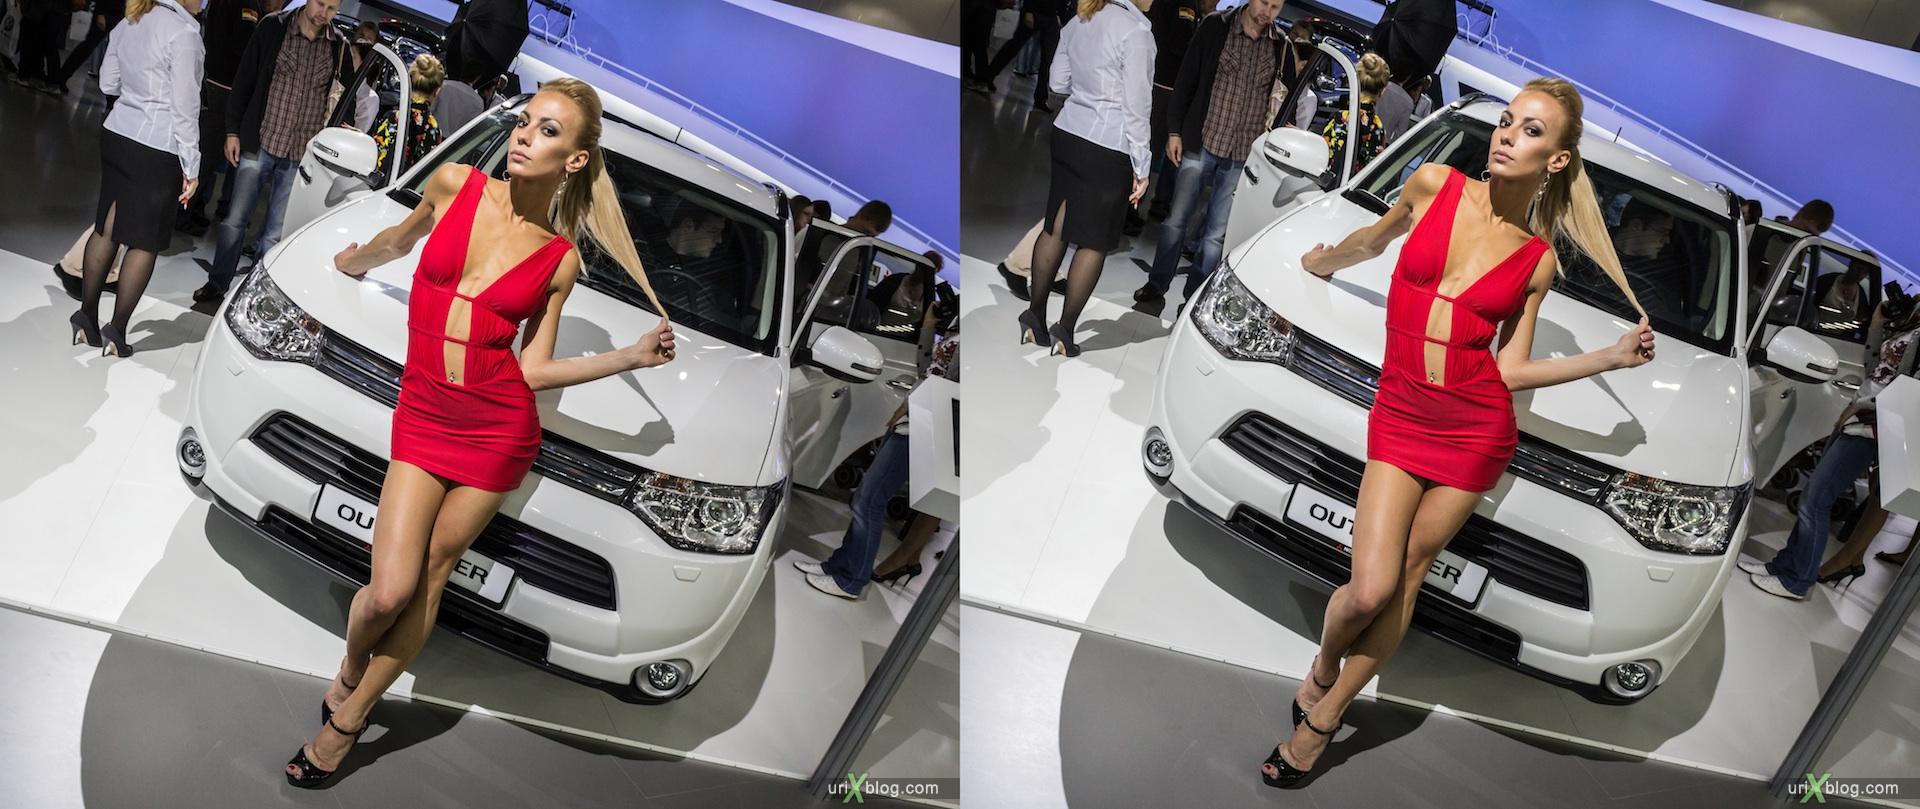 2012, Moscow International Automobile Salon, auto show, Московский международный автомобильный салон, Крокус Экспо, Crocus Expo, модель, девушка, model, girl, 3D, stereo, cross-eyed, стерео, стереопара, машина, car